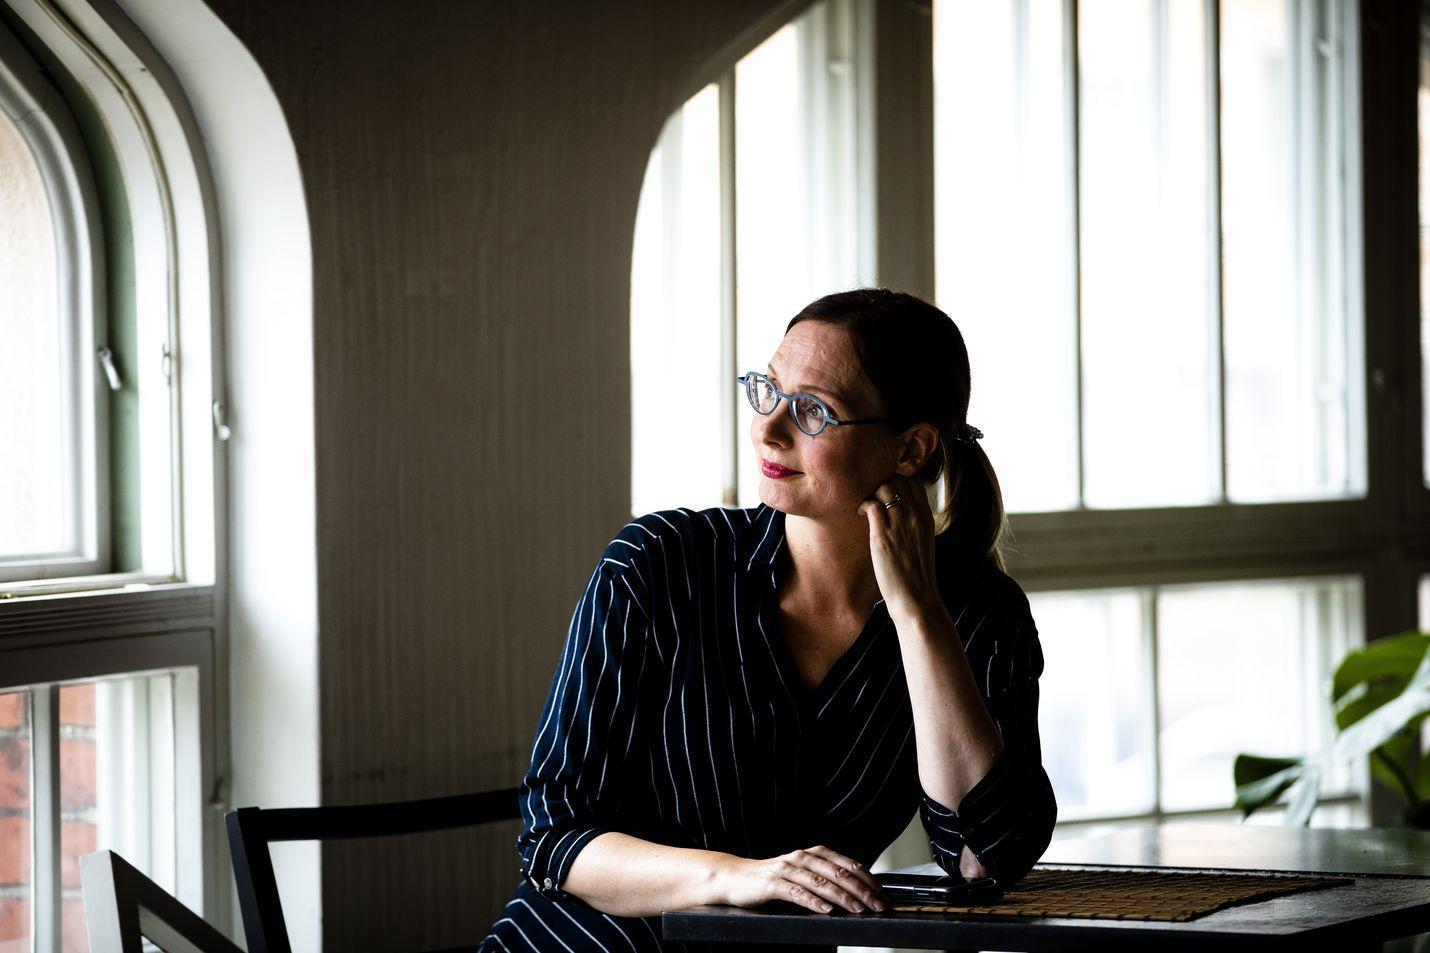 Mandatum Lifen liiketoimintajohtaja Kiisa Hulkko-Nyman sanoo, että eniten ihmisille merkitsee se, miten palkitseminen toimii lähiympäristössä.